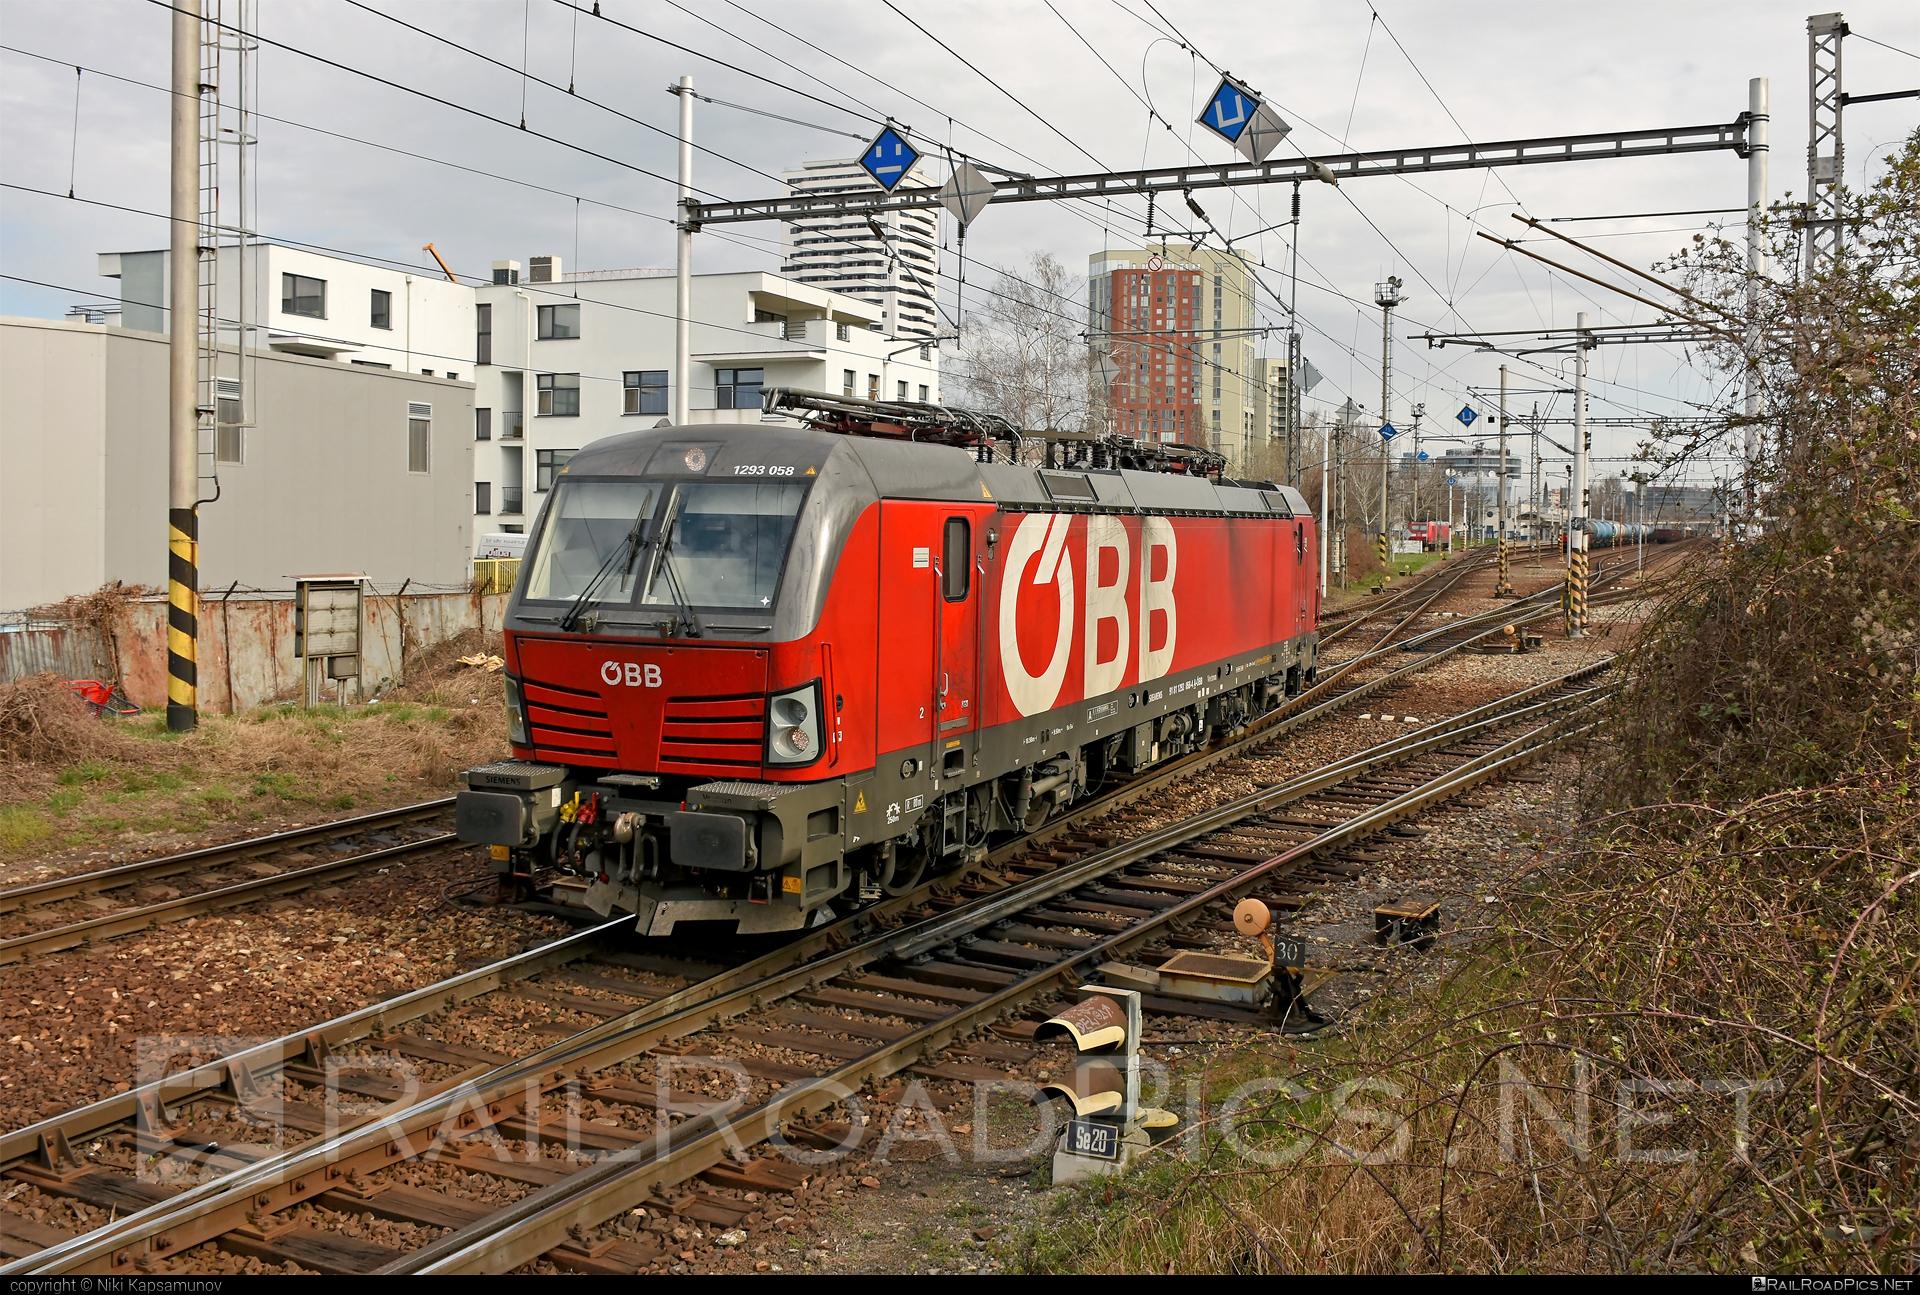 Siemens Vectron MS - 1293 058 operated by Rail Cargo Austria AG #obb #osterreichischebundesbahnen #siemens #siemensvectron #siemensvectronms #vectron #vectronms